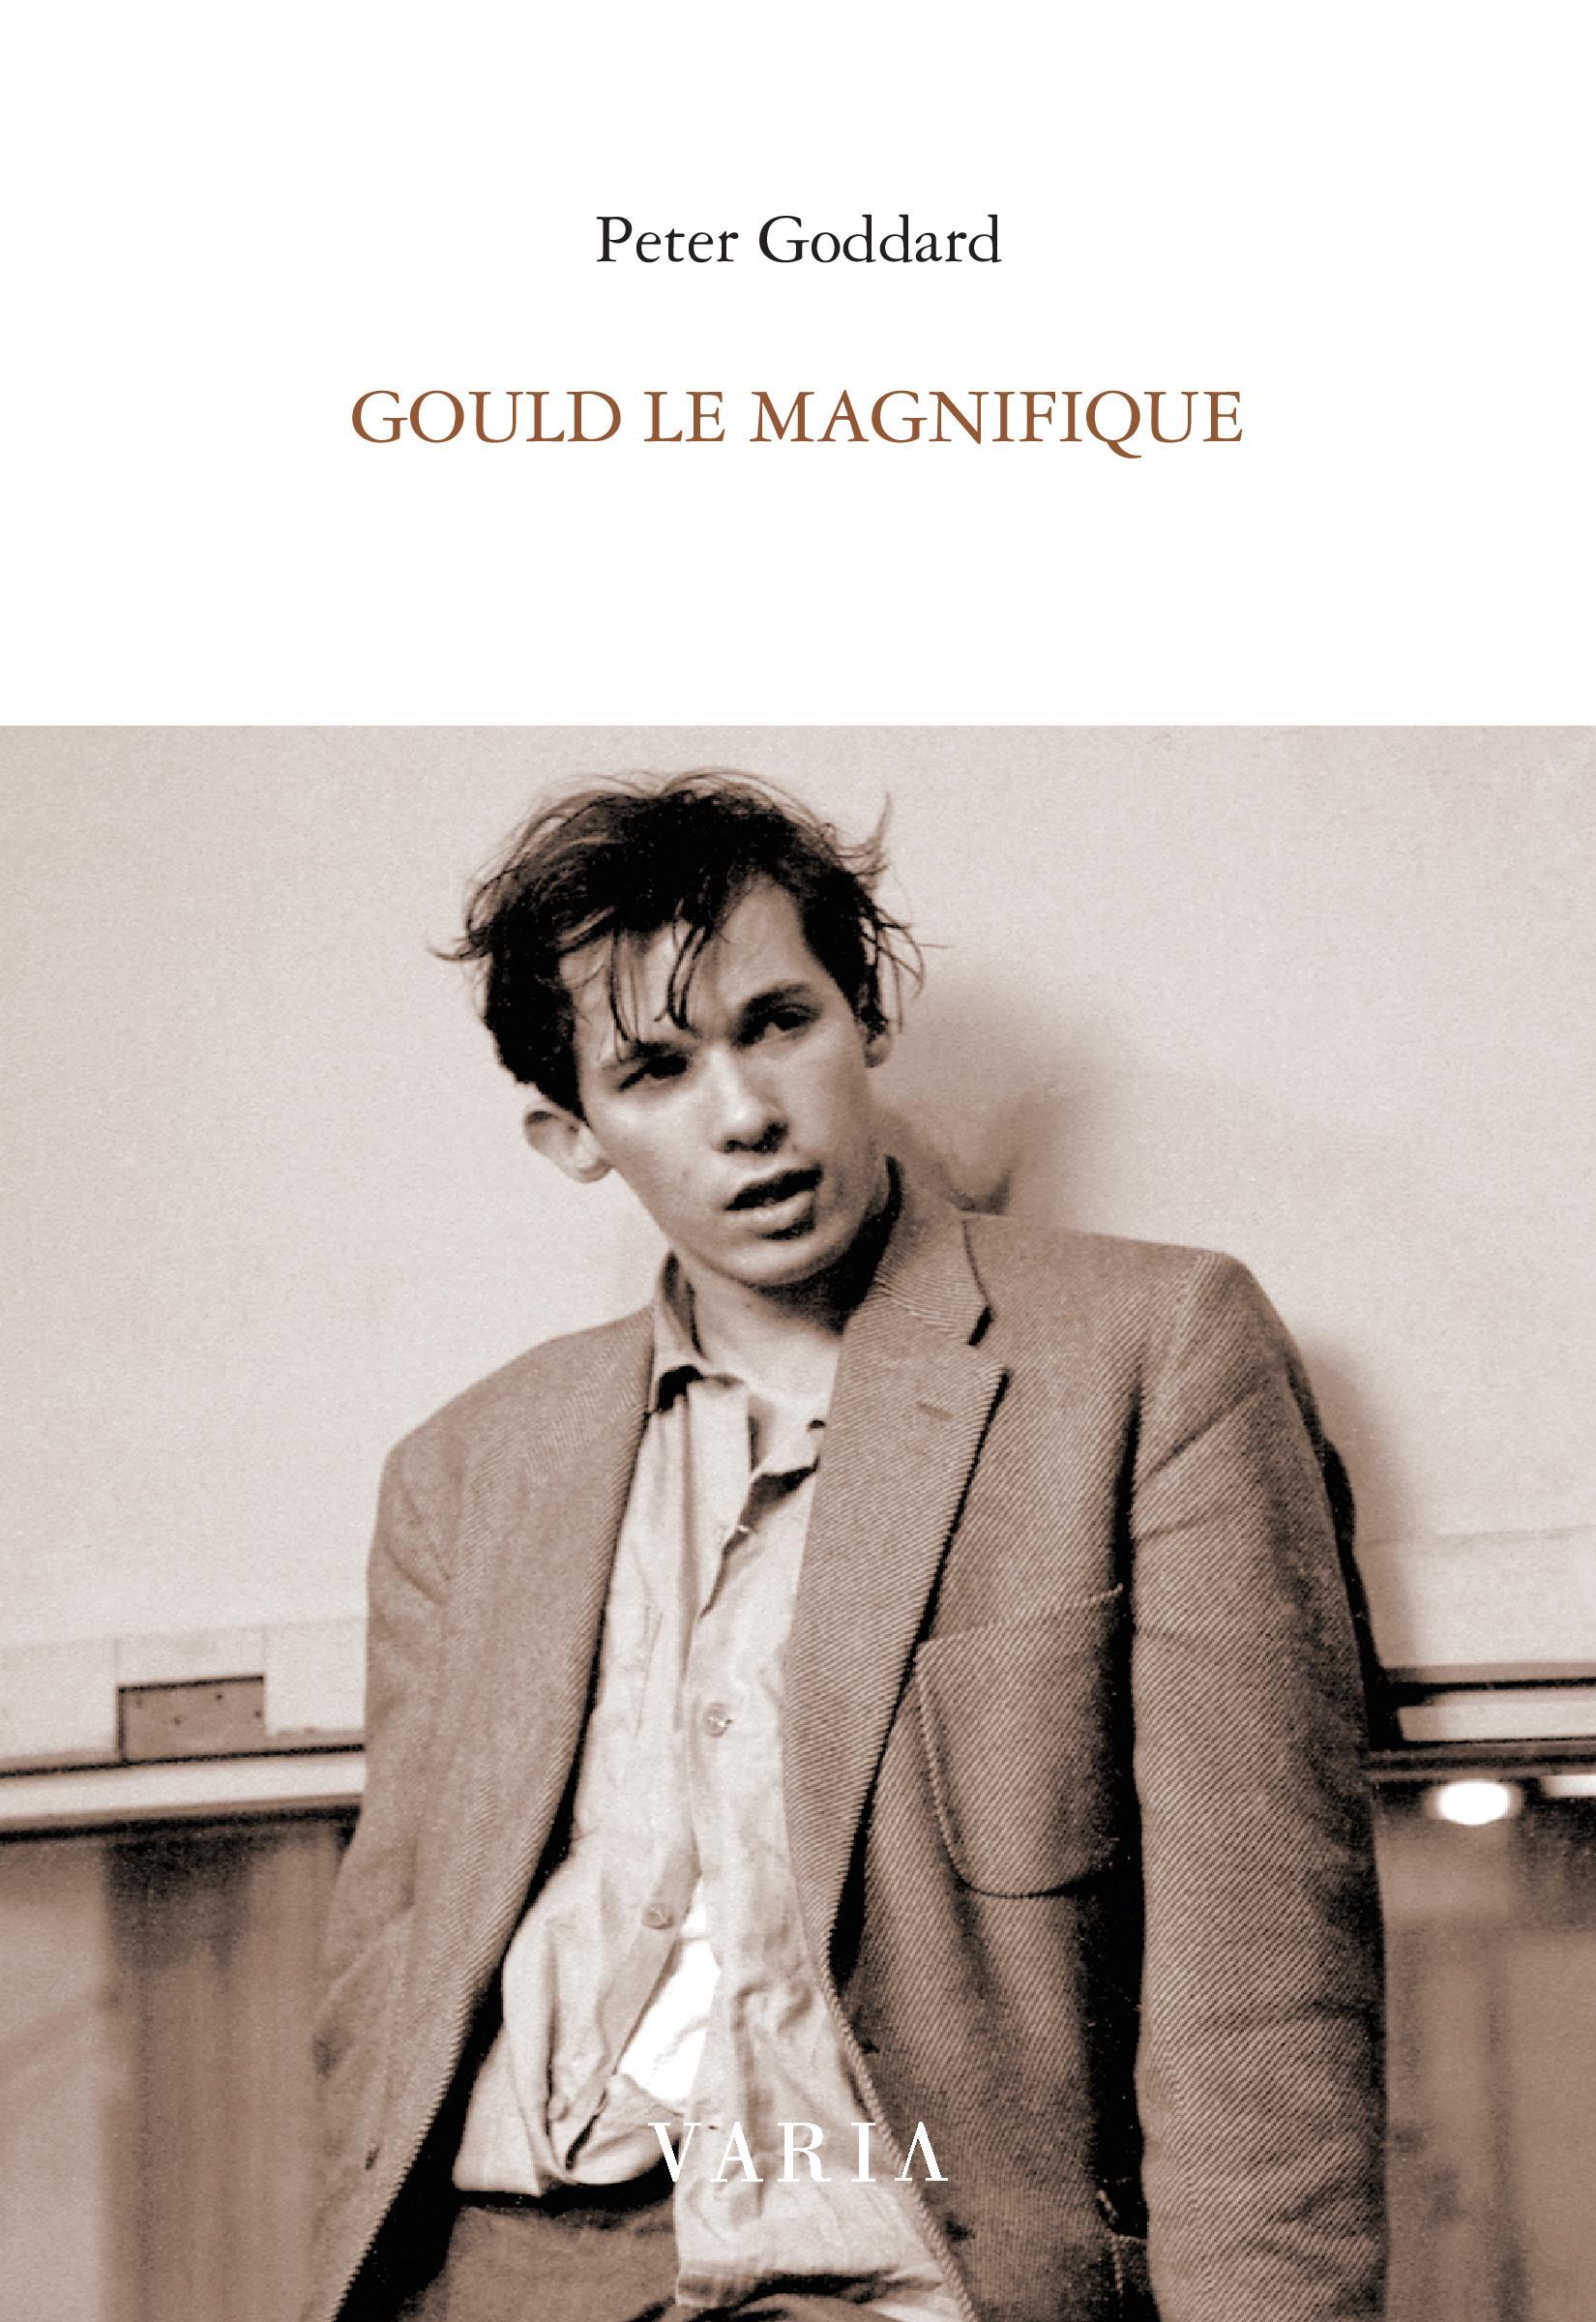 Gould le magnifique